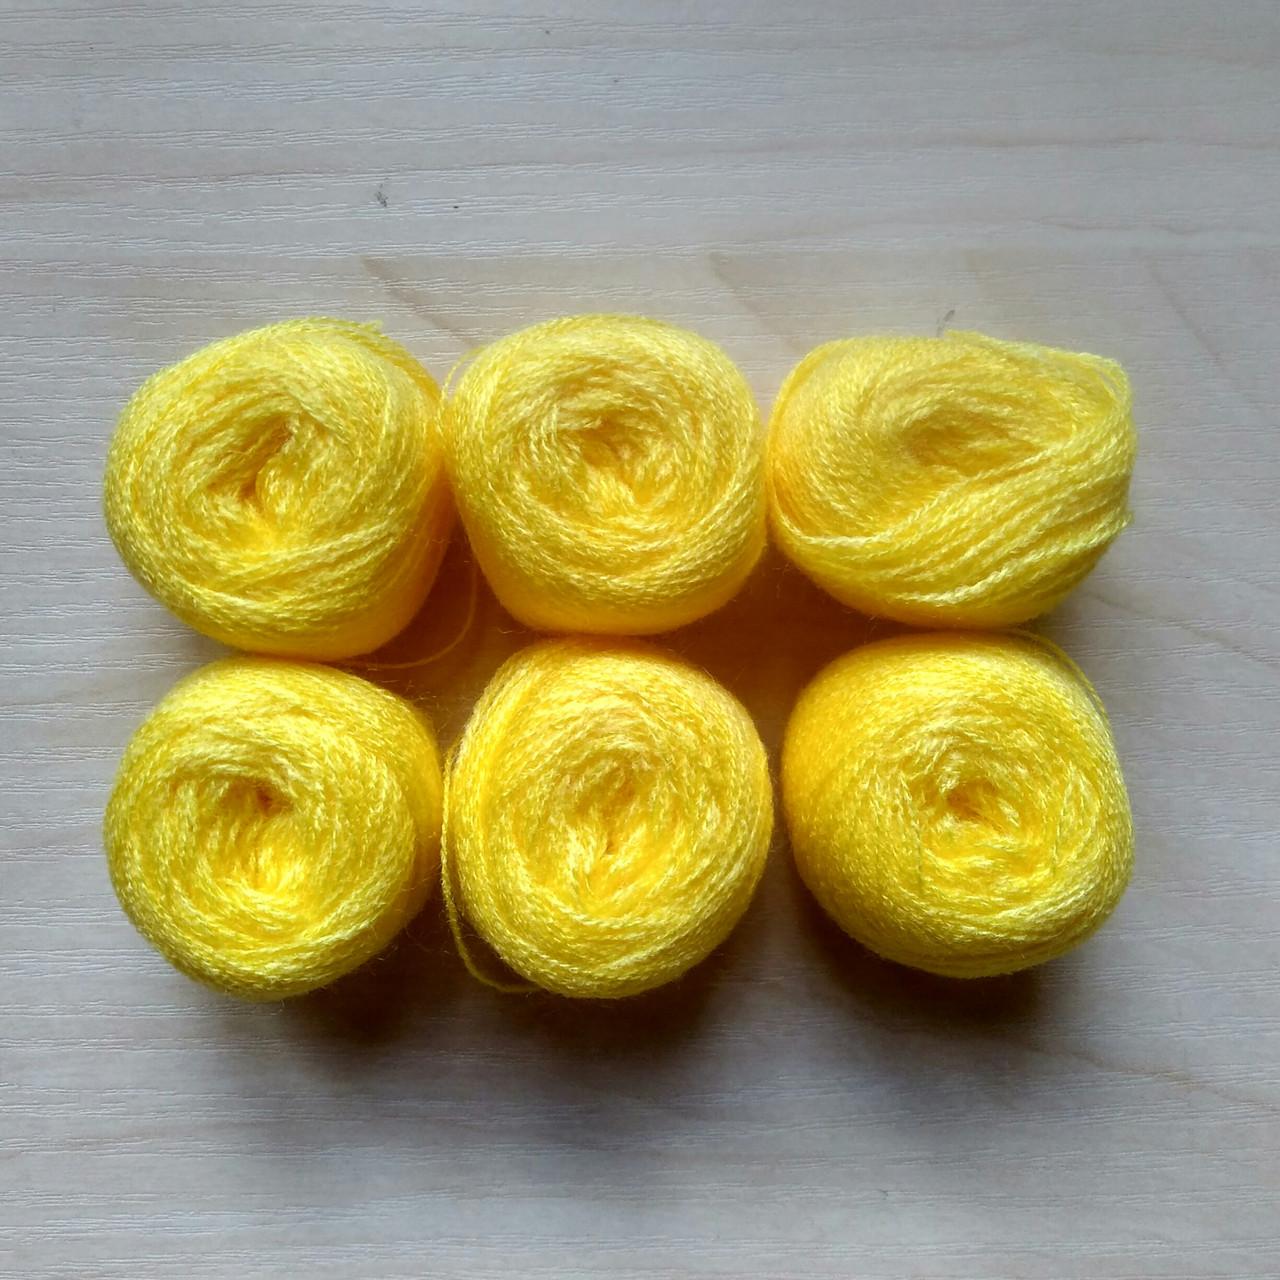 Нитки акриловые цвет темно желтый - 5 грн моток